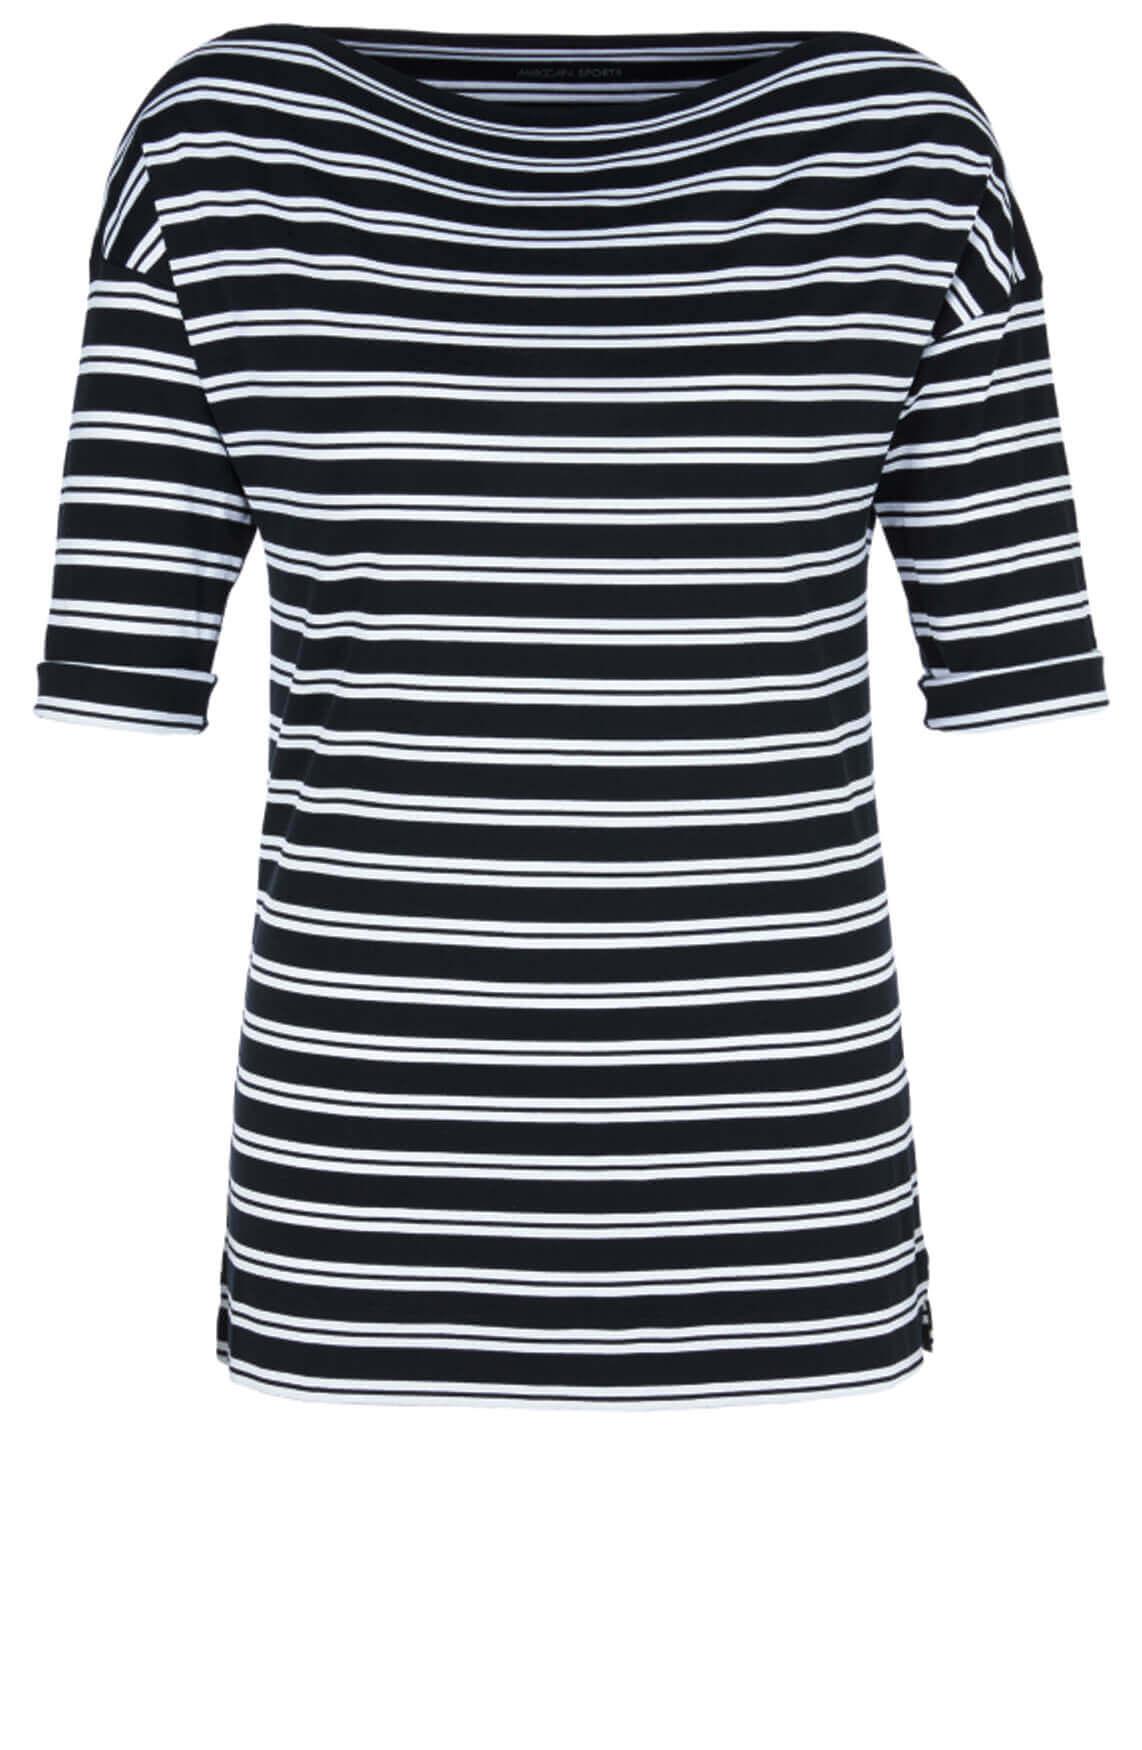 Marccain Sports Dames Shirt met boothals zwart